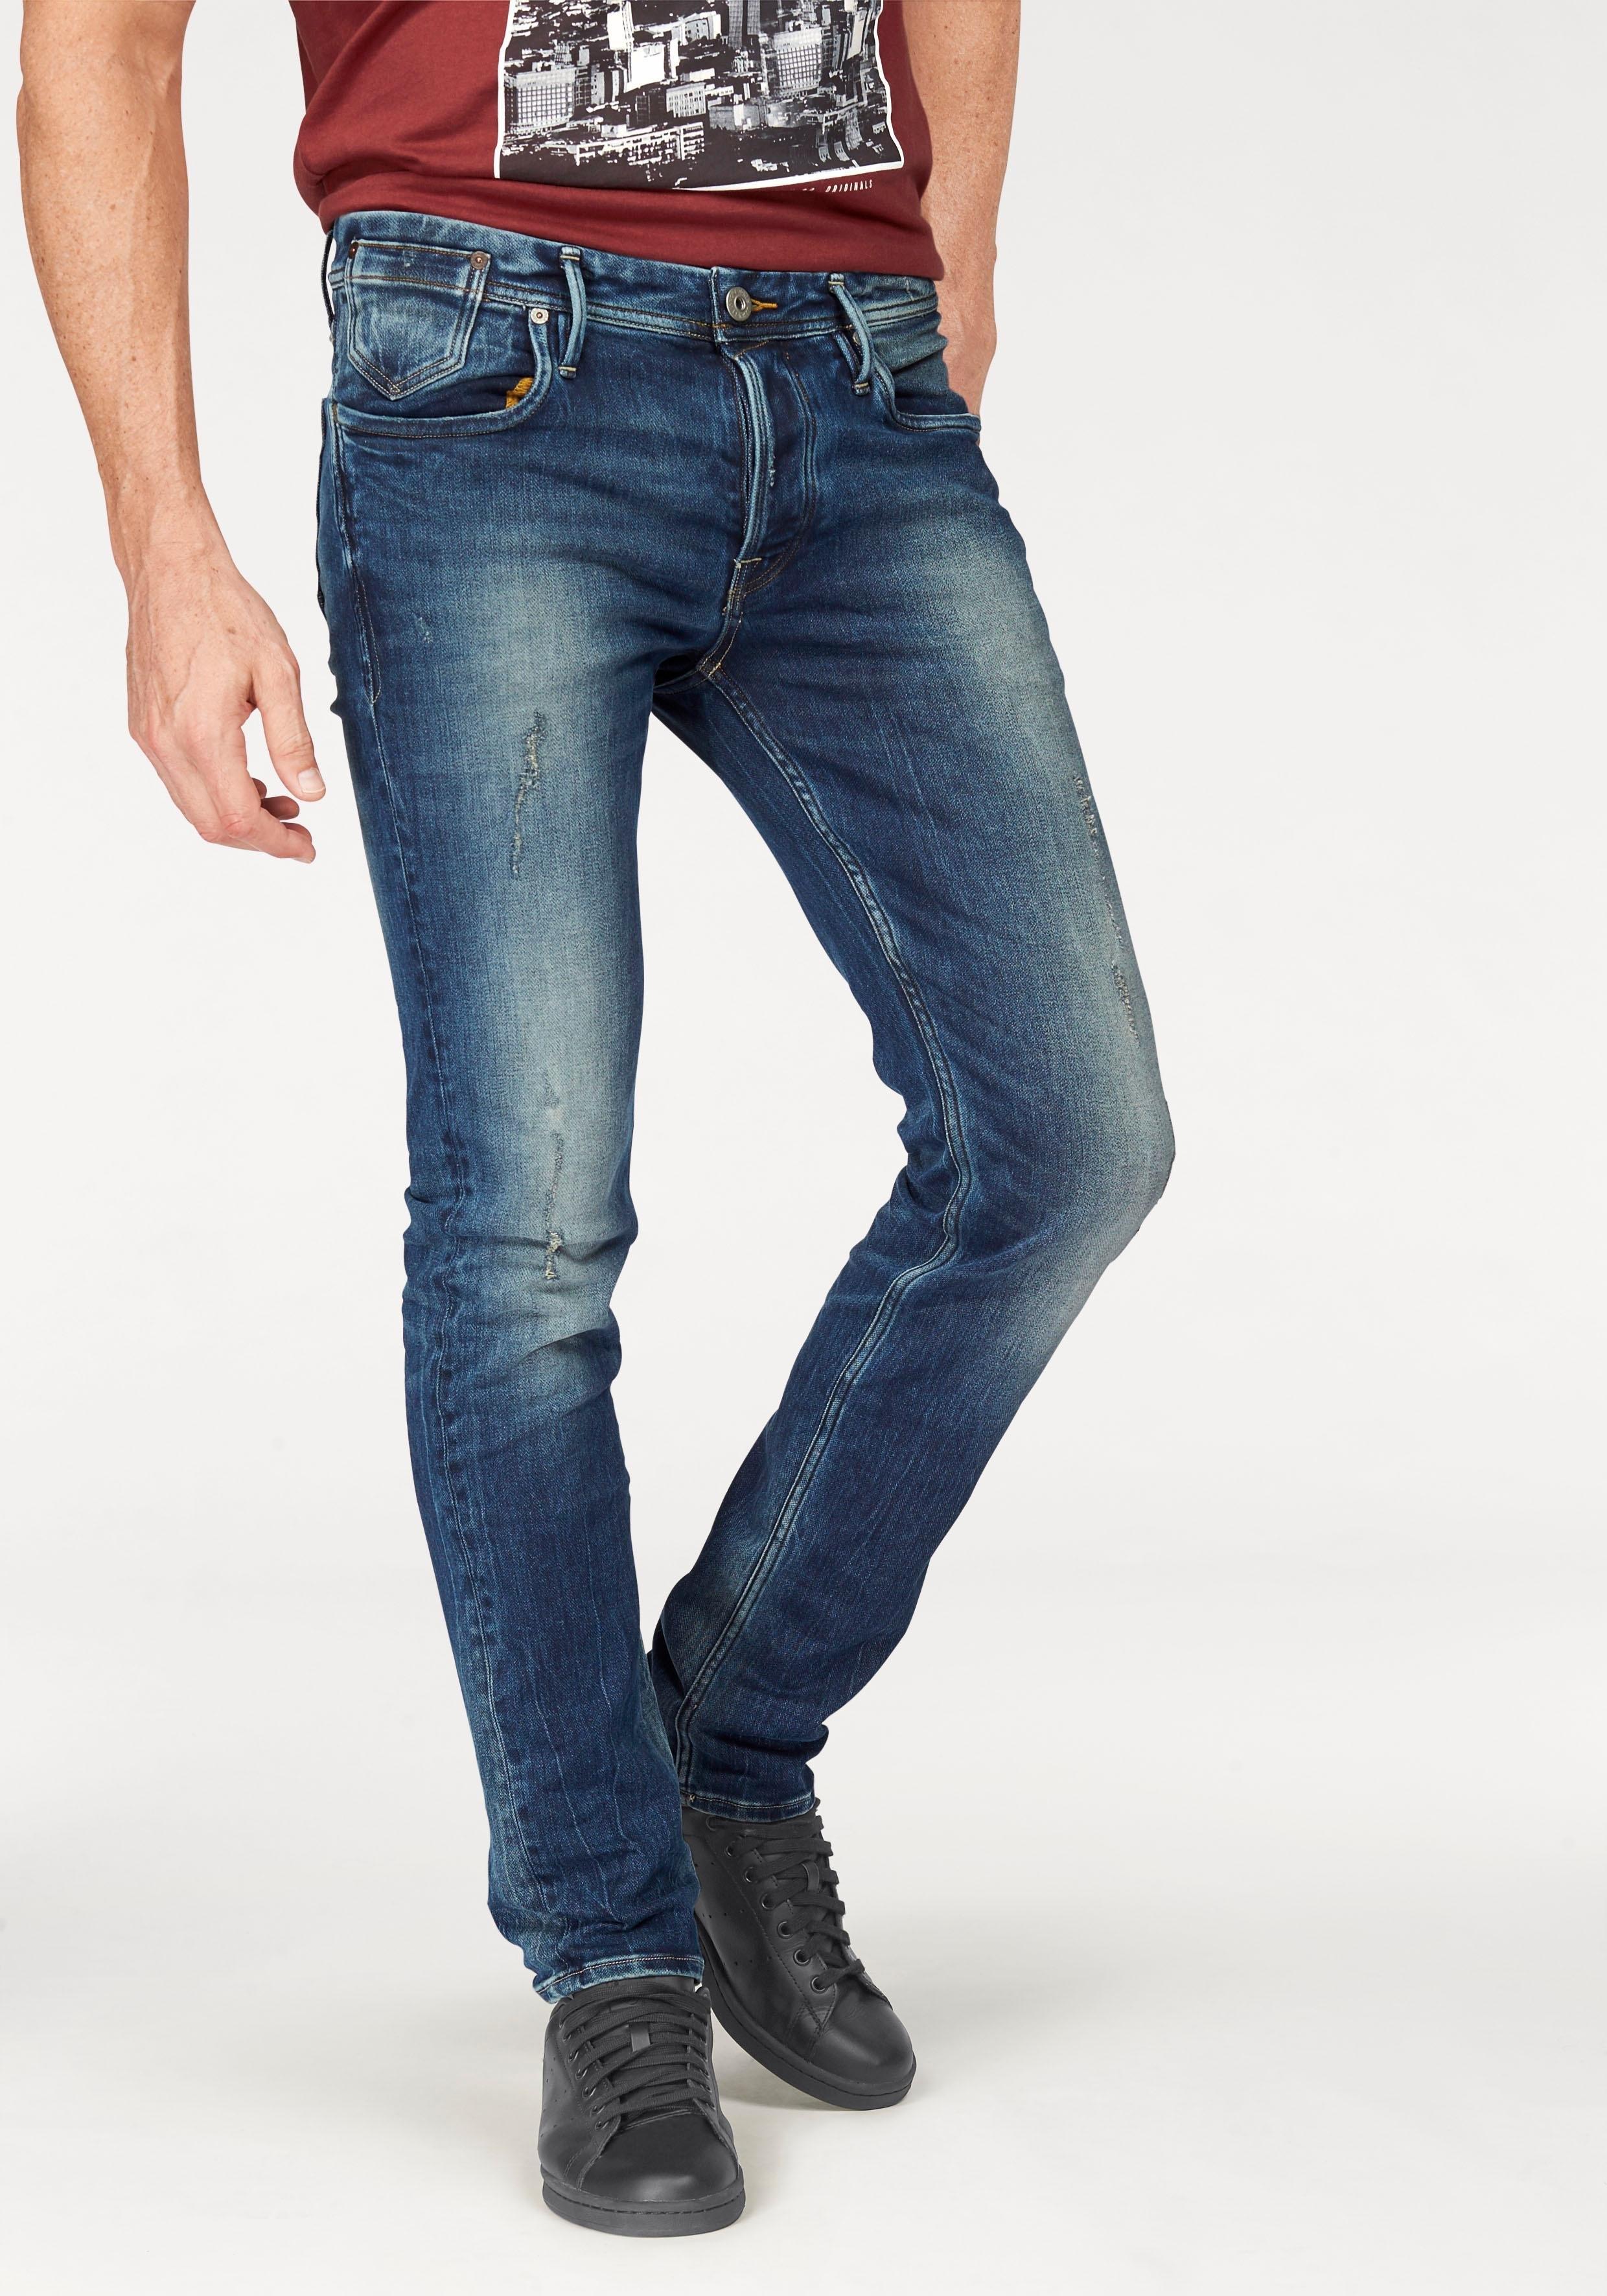 JACK & JONES Slim Fit-jeans »Tim« veilig op otto.nl kopen